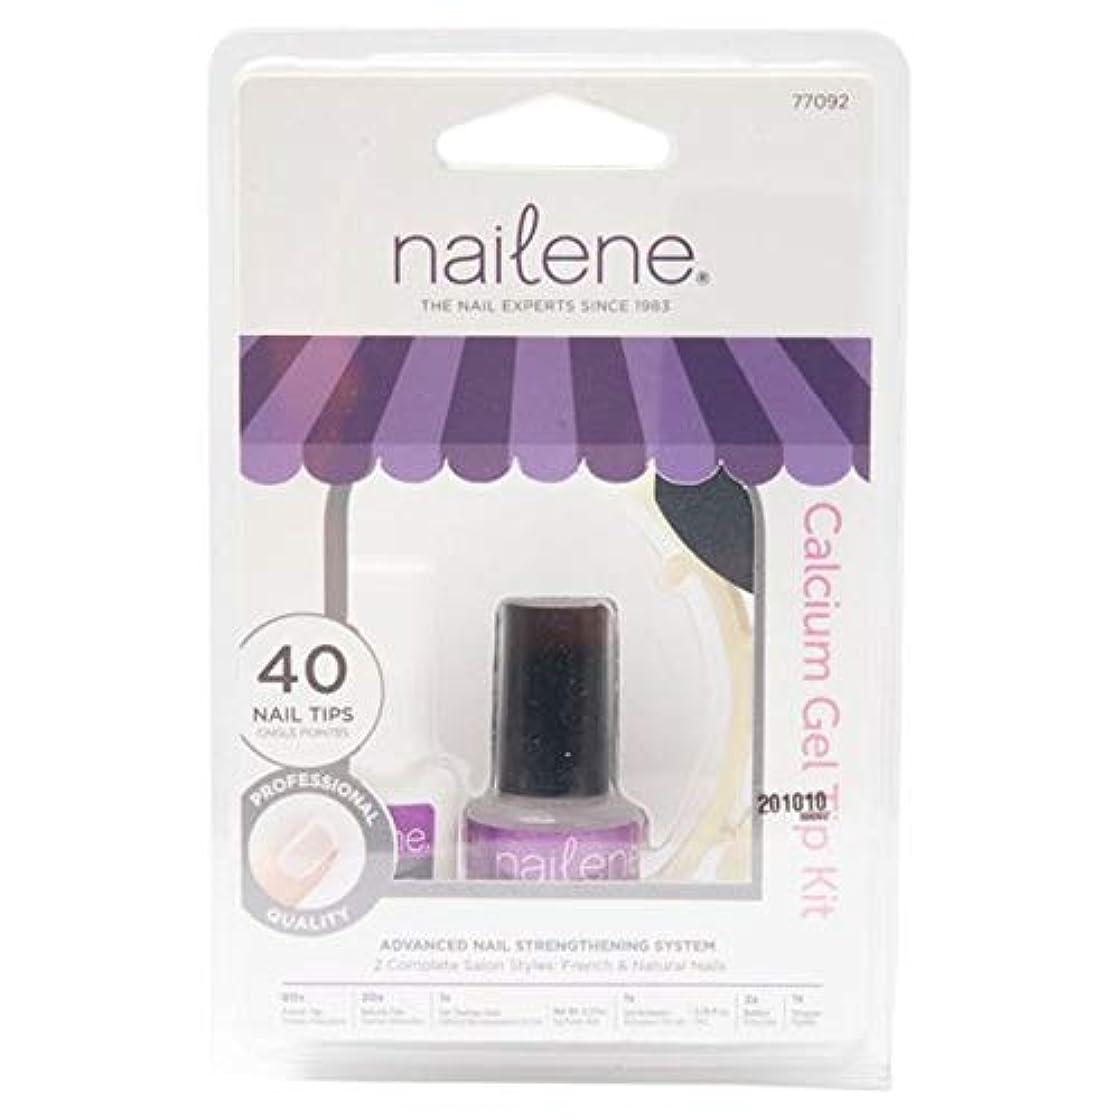 日化石質量[Nailene] Naileneカルシウムゲルキット77092 - Nailene Calcium Gel Kit 77092 [並行輸入品]